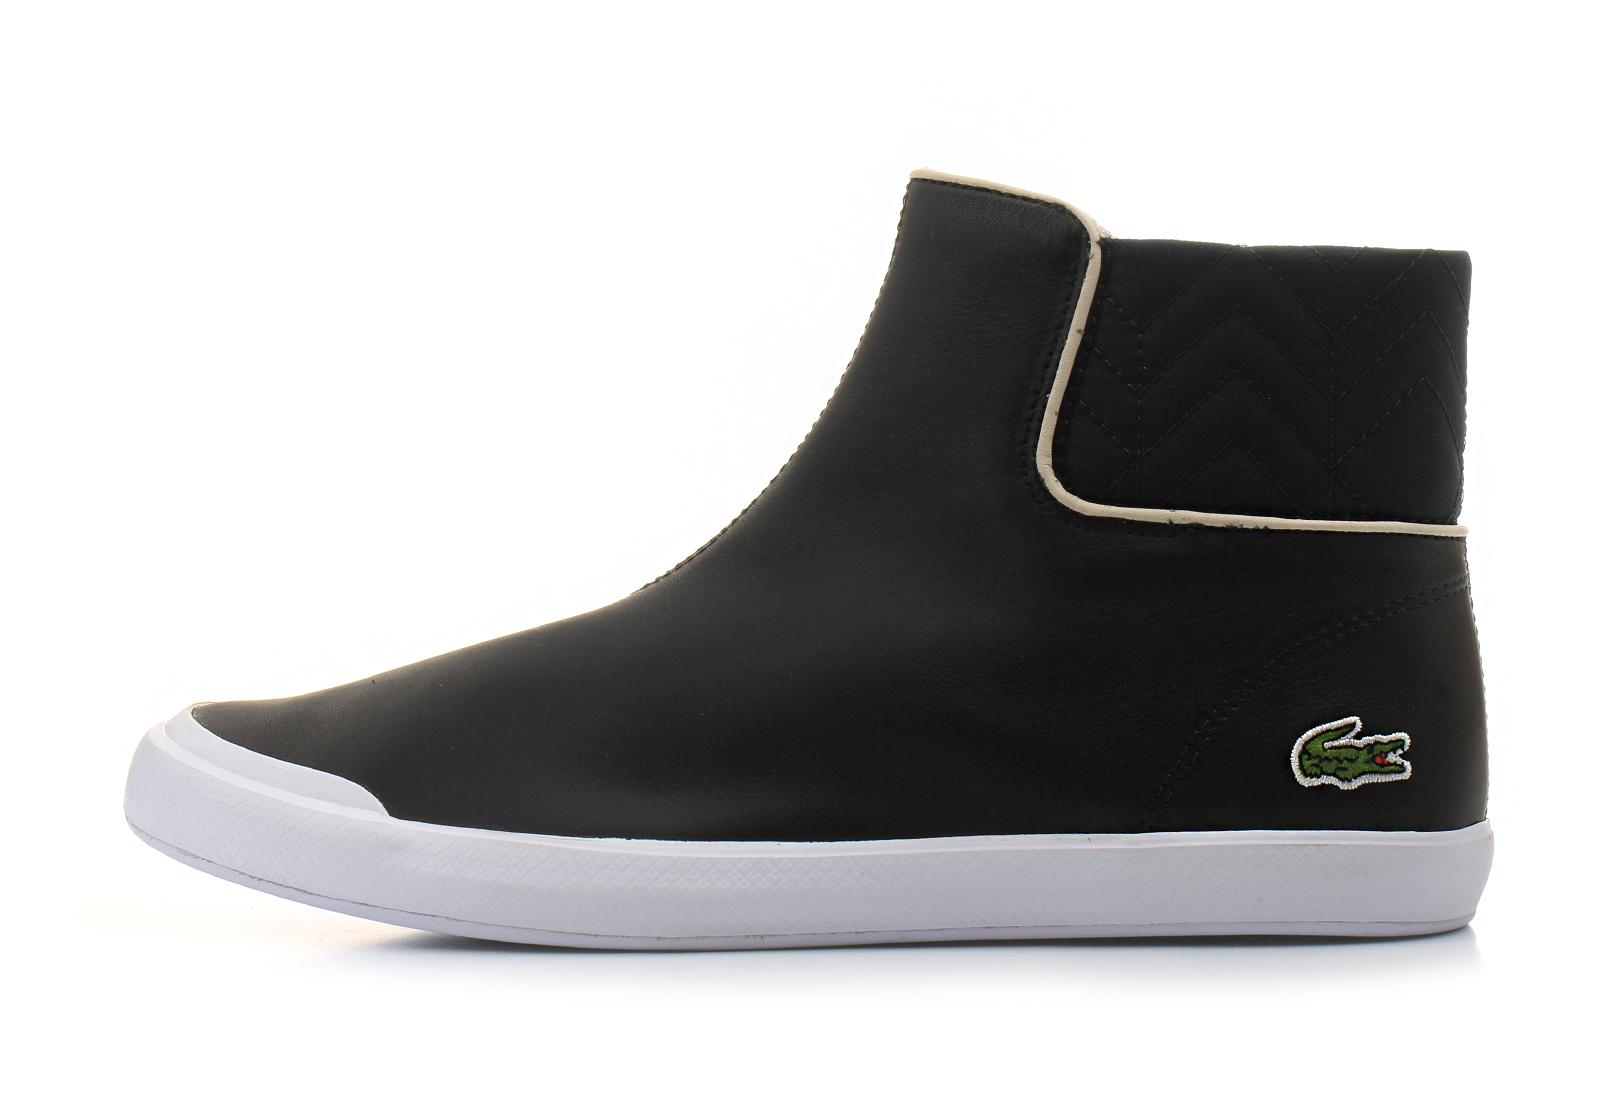 de434f35c6 Lacoste Cipő - Lancelle Chelsea 1 - 174CAW0072-024 - Office Shoes ...